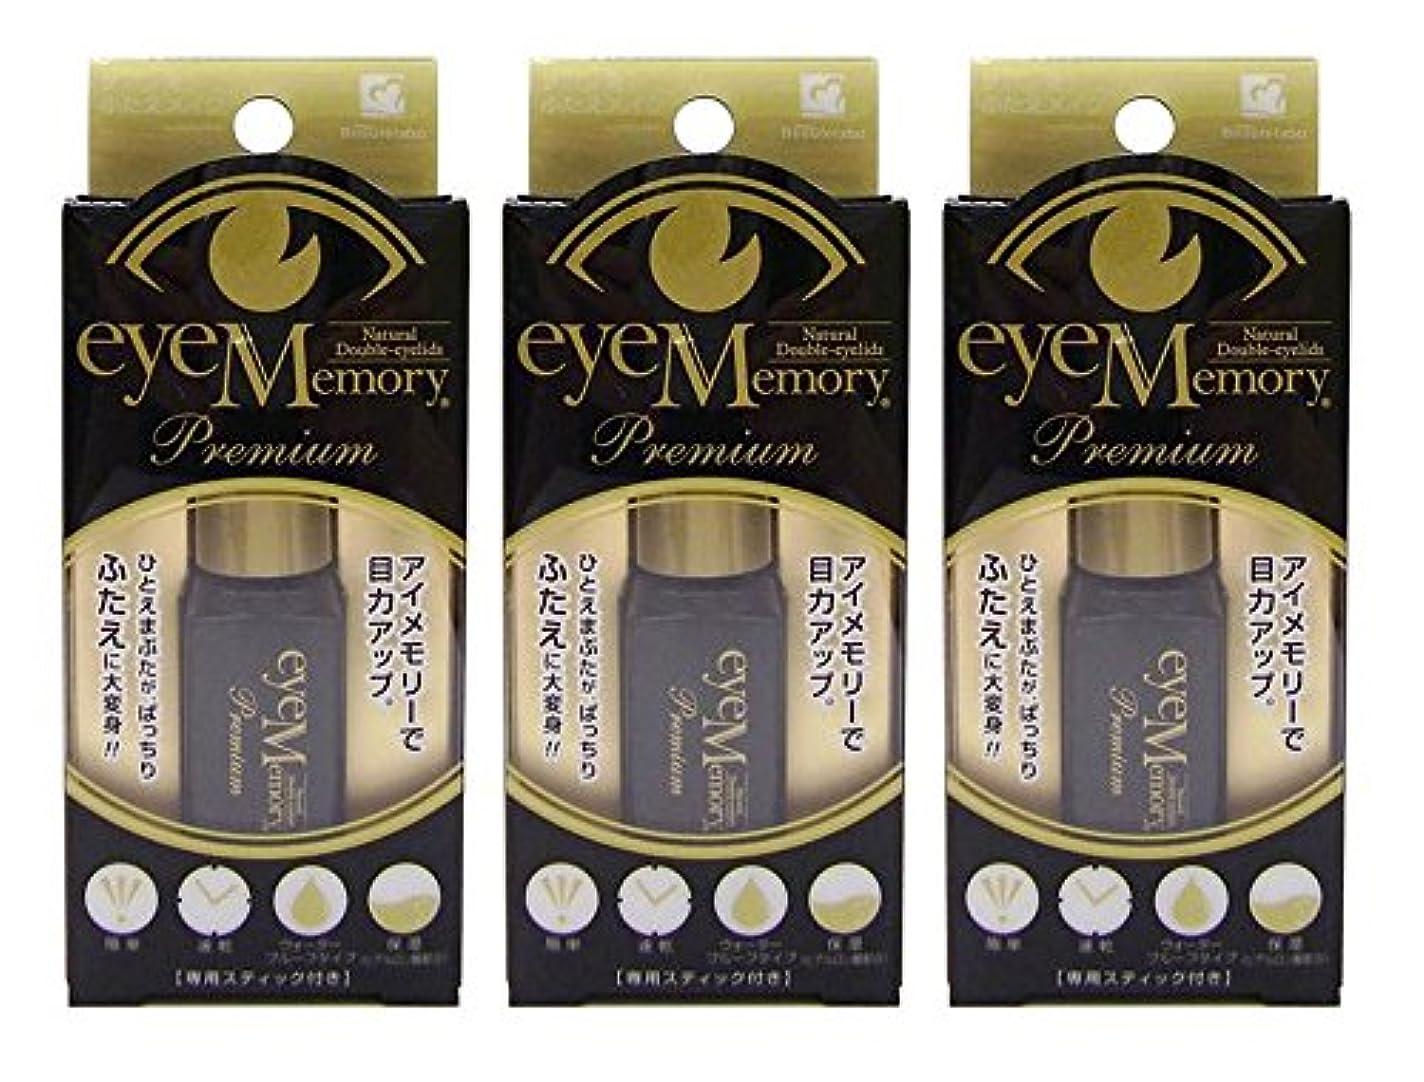 不健康実り多い花嫁アイメモリー モイスチャー プレミアム 4ml (二重まぶた化粧品) 3個セット